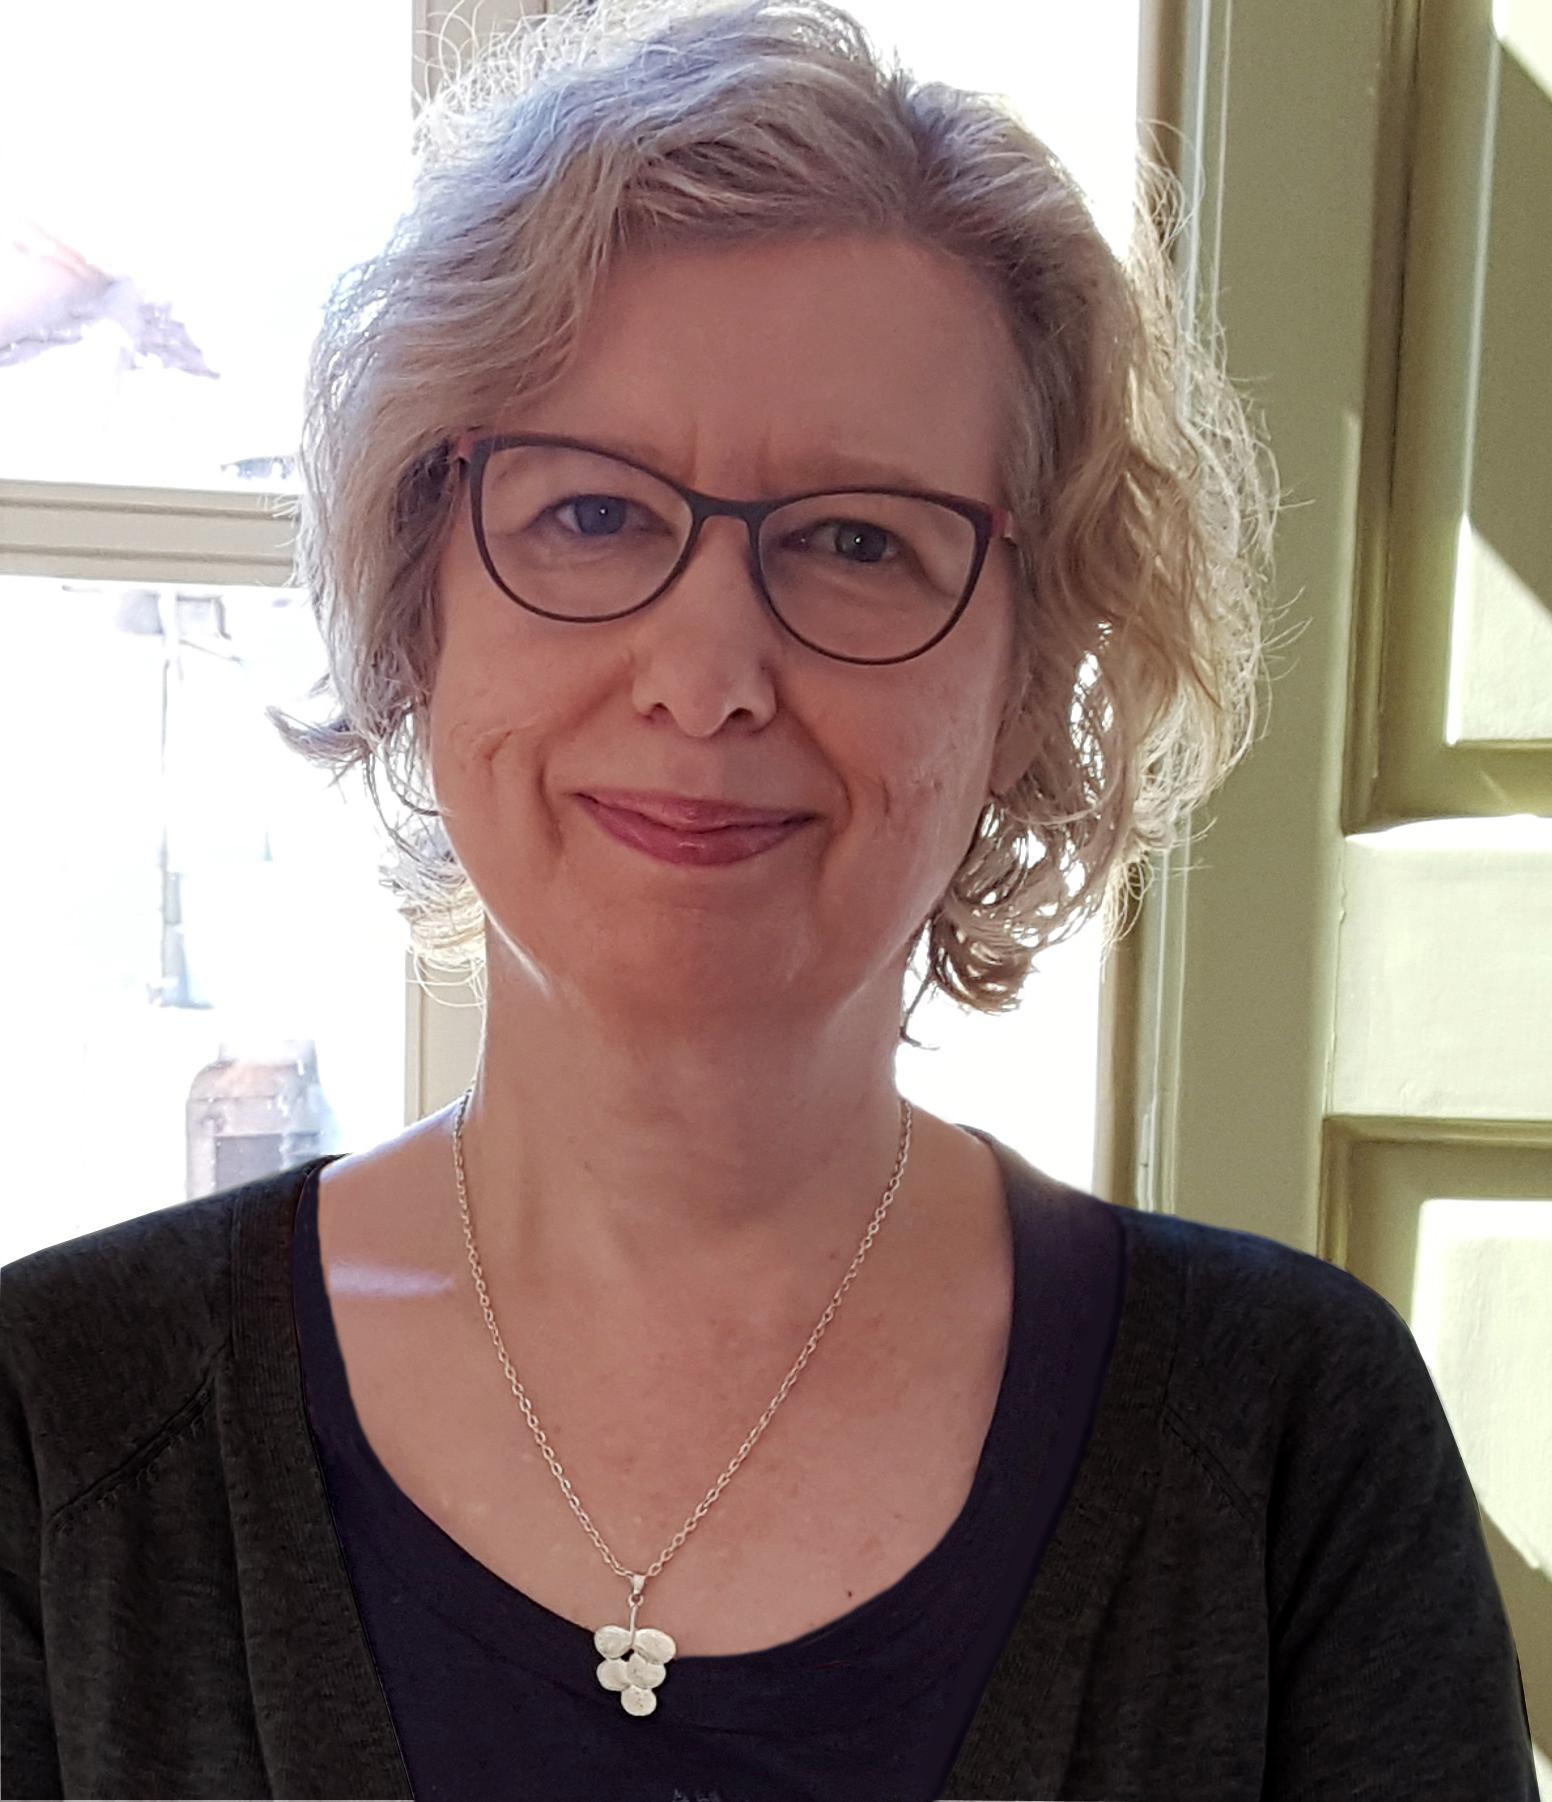 Margo L. Beggs - Independent scholar